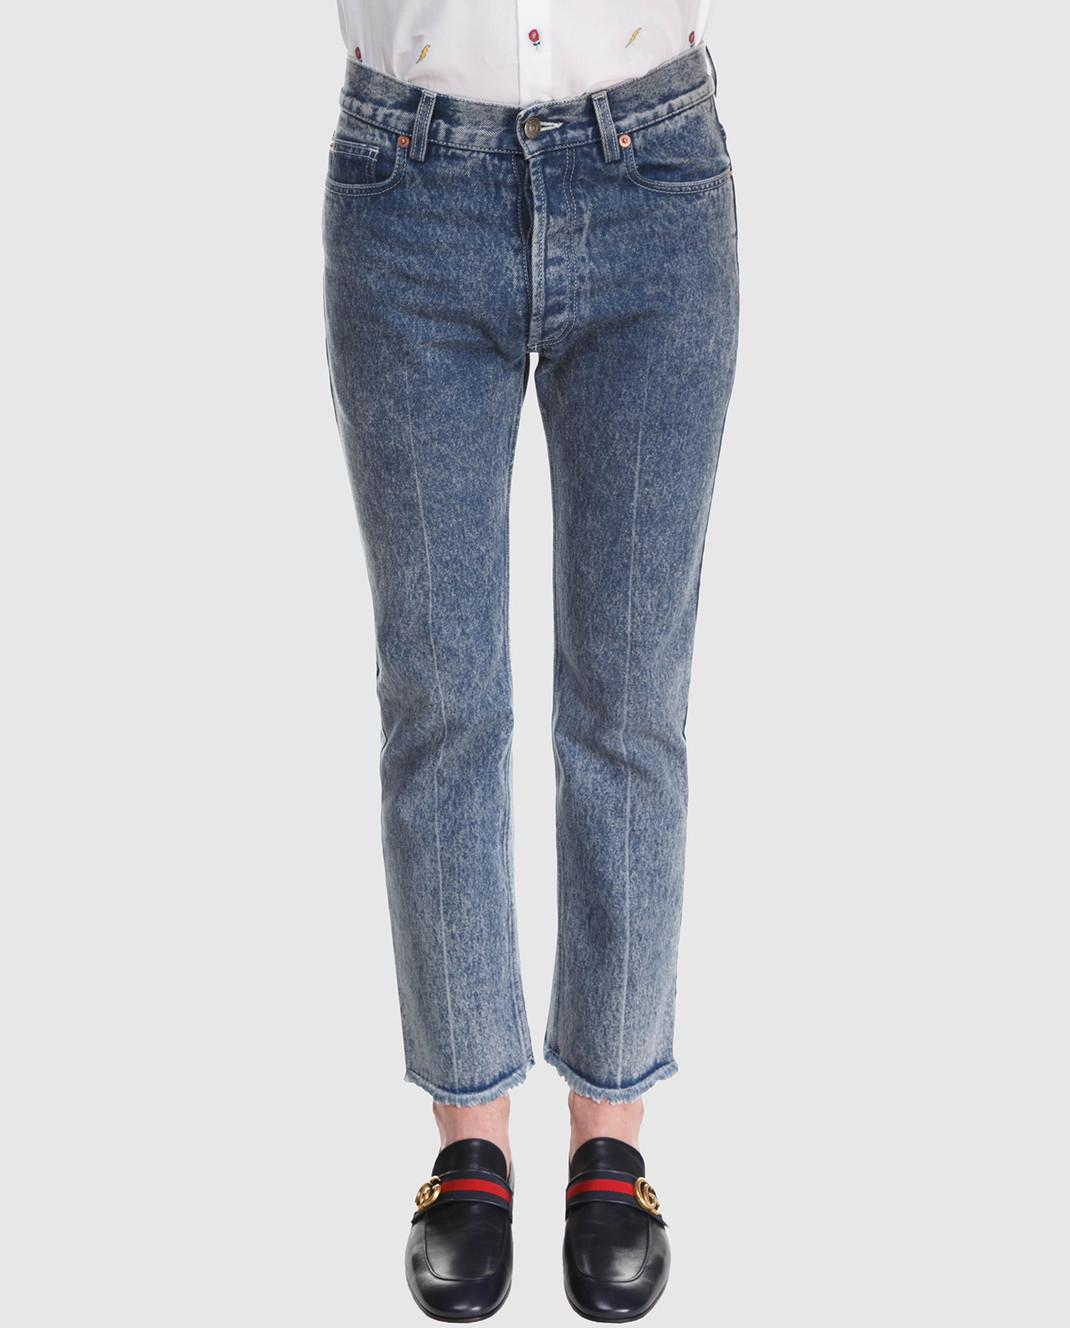 Gucci Синие джинсы 524365 изображение 3